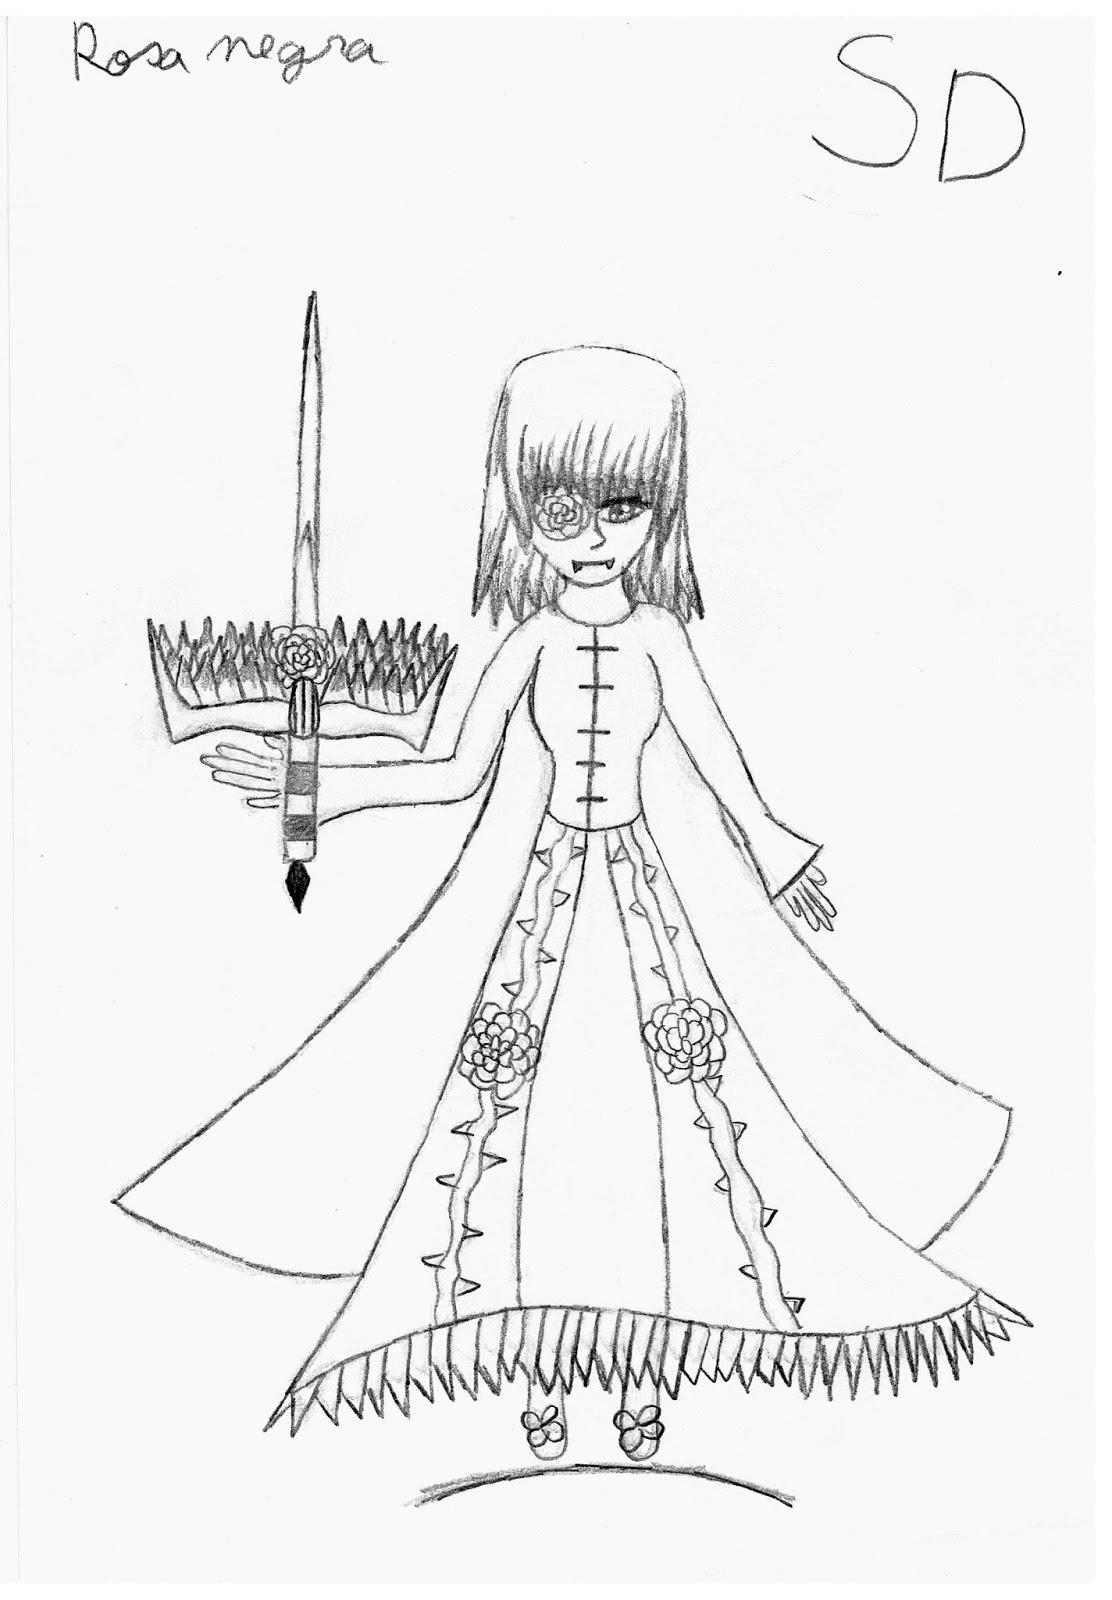 Sofia Desenho Rosa Negra Com Espada